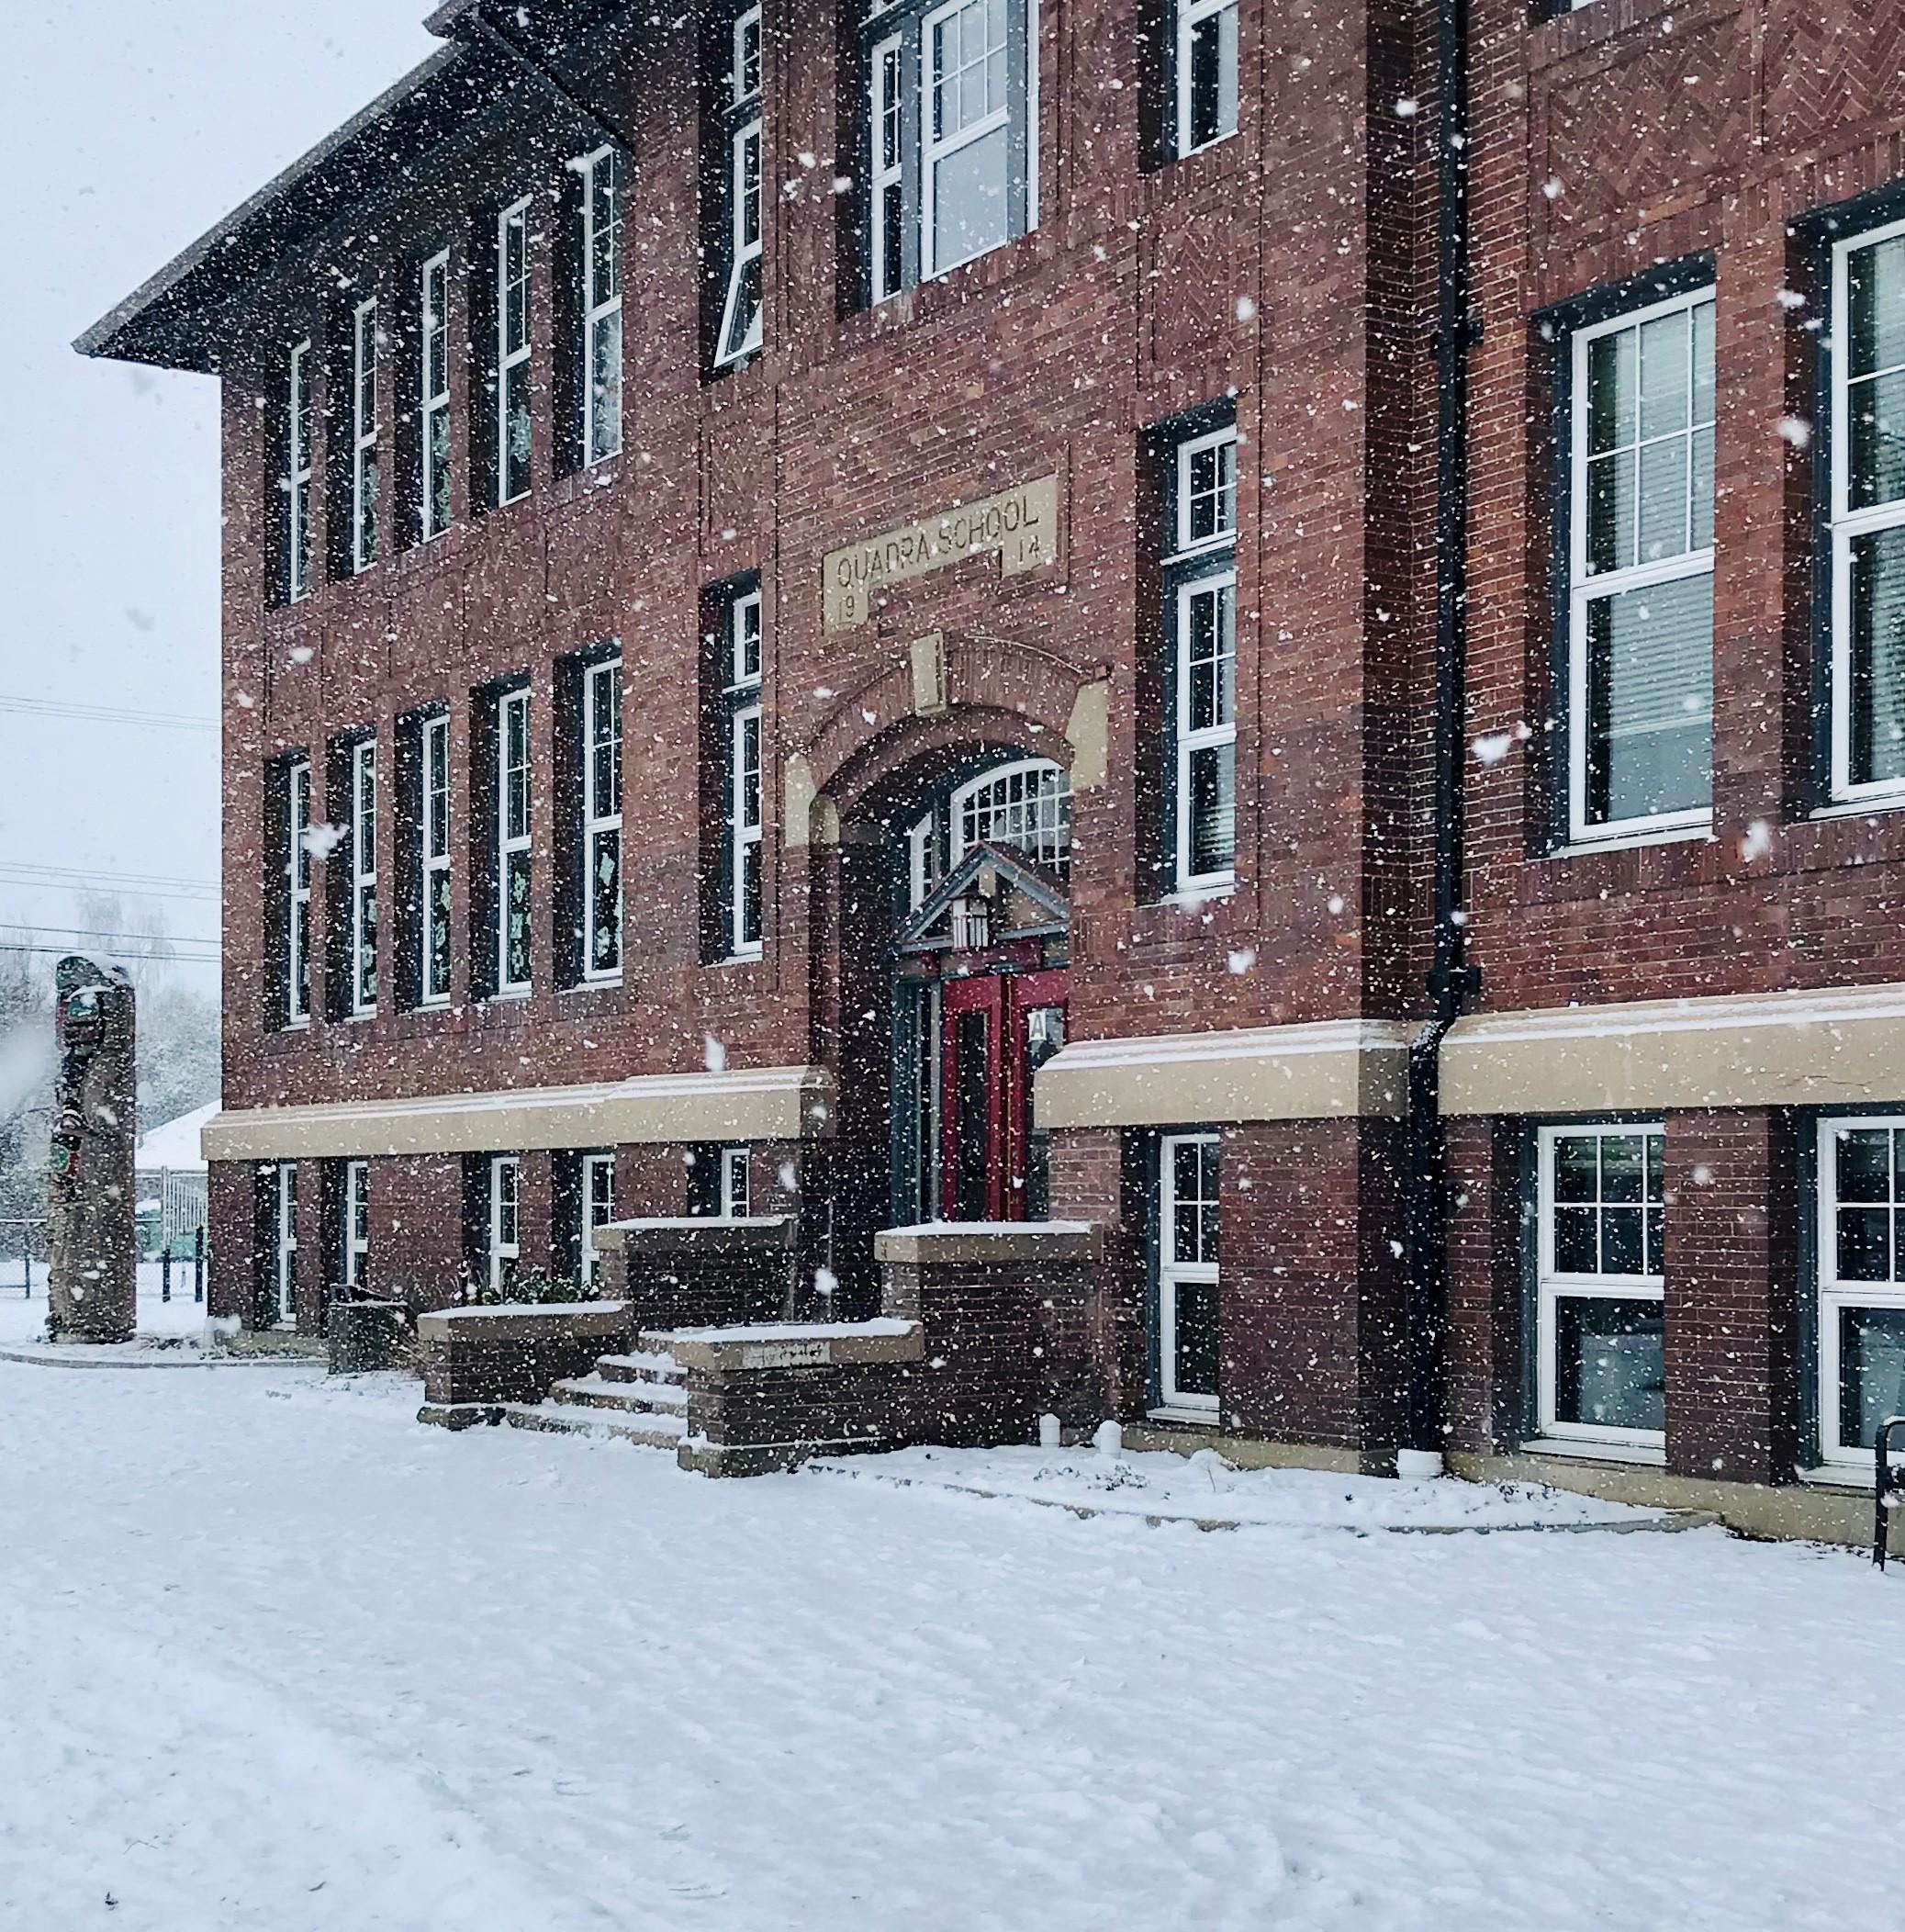 A snowy day at Quadra School!